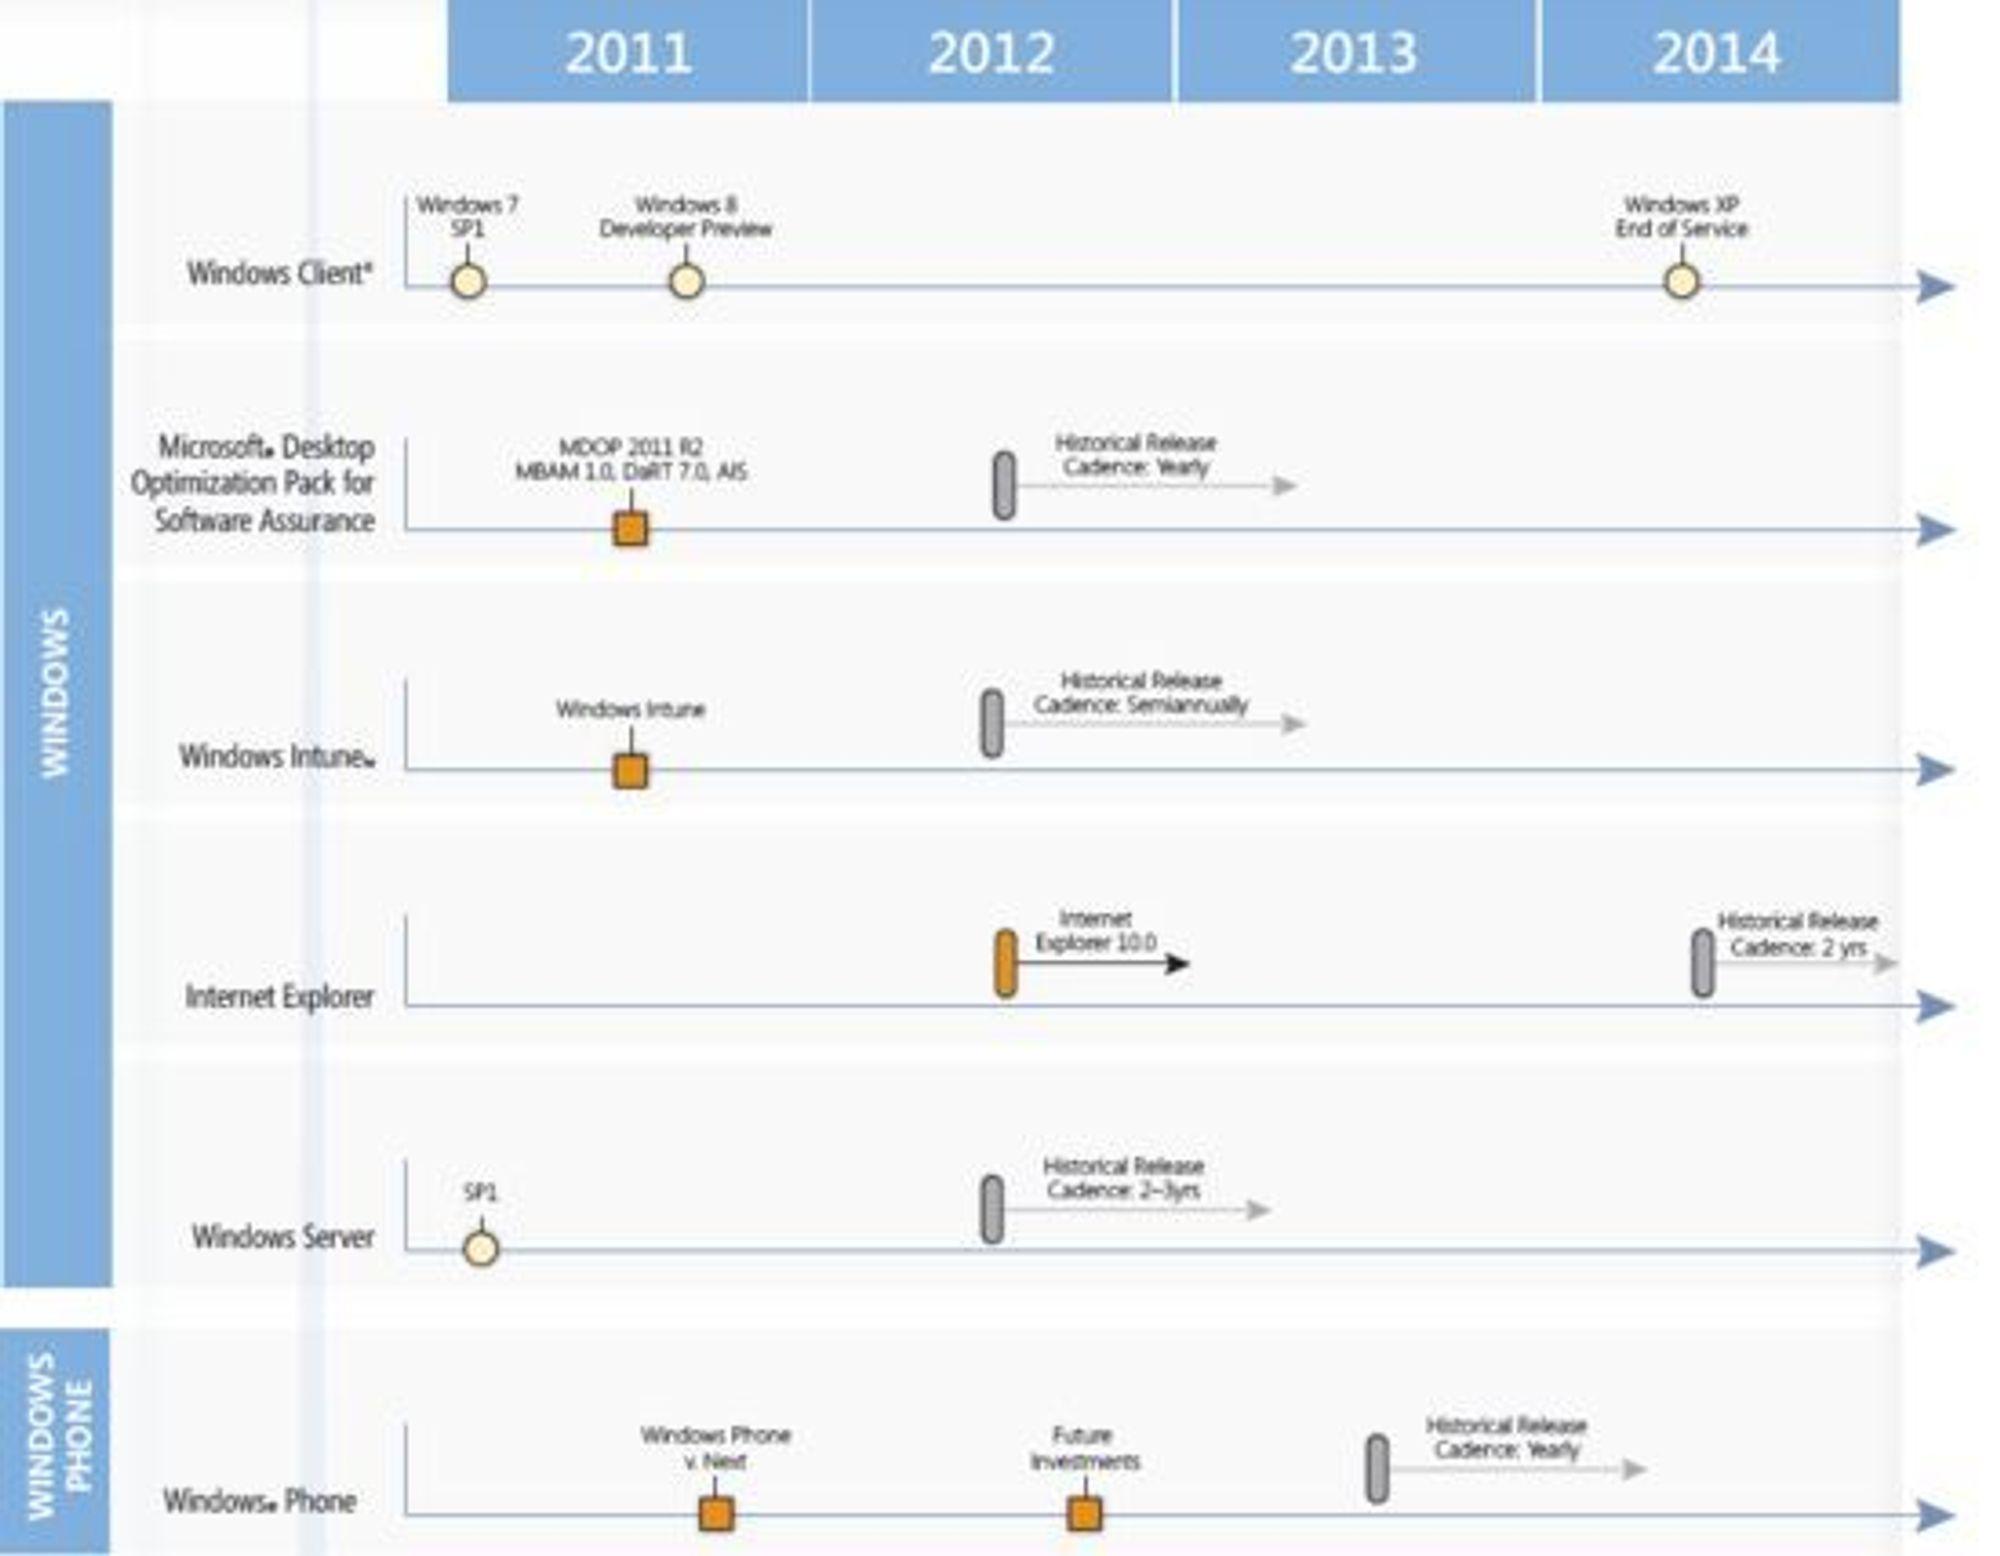 En annen del av Microsofts produktveikart datert 22. desember 2011.